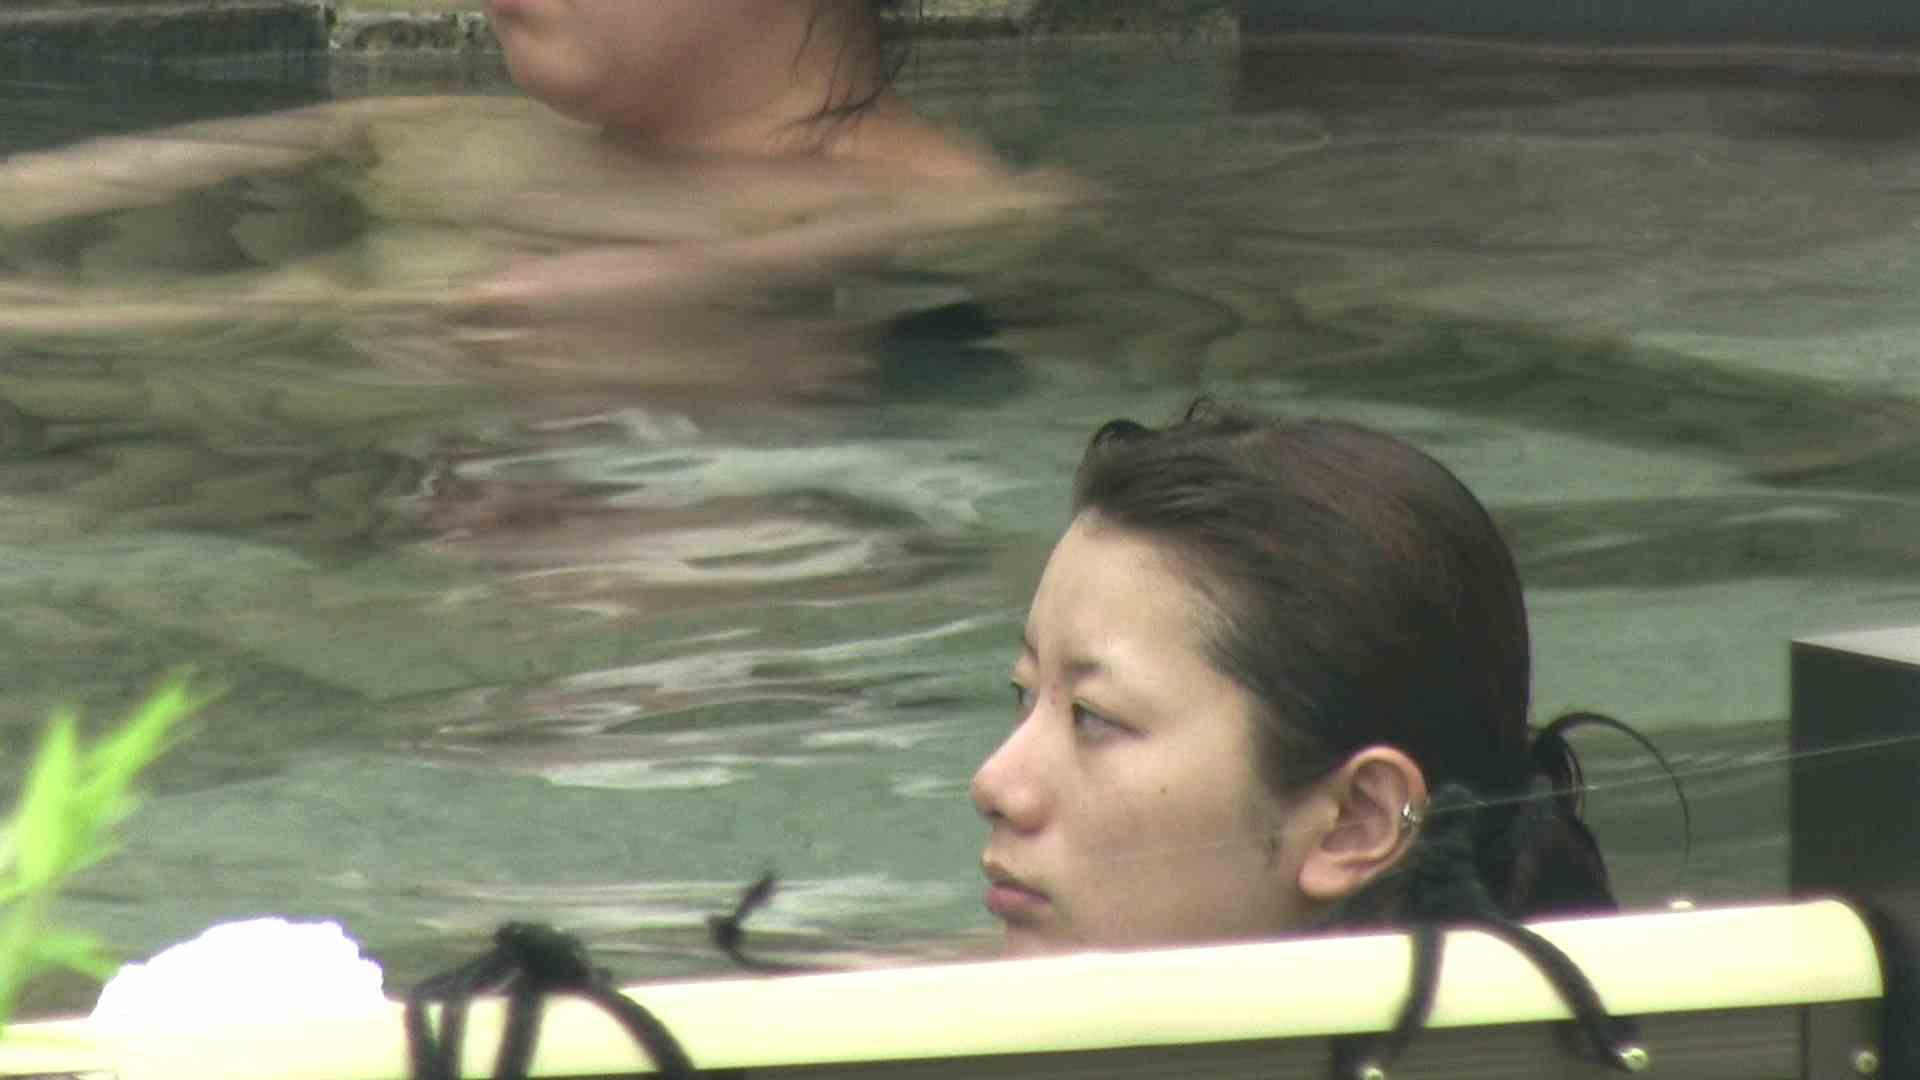 Aquaな露天風呂Vol.19【VIP】 美しいOLの裸体   盗撮師作品  106pic 64